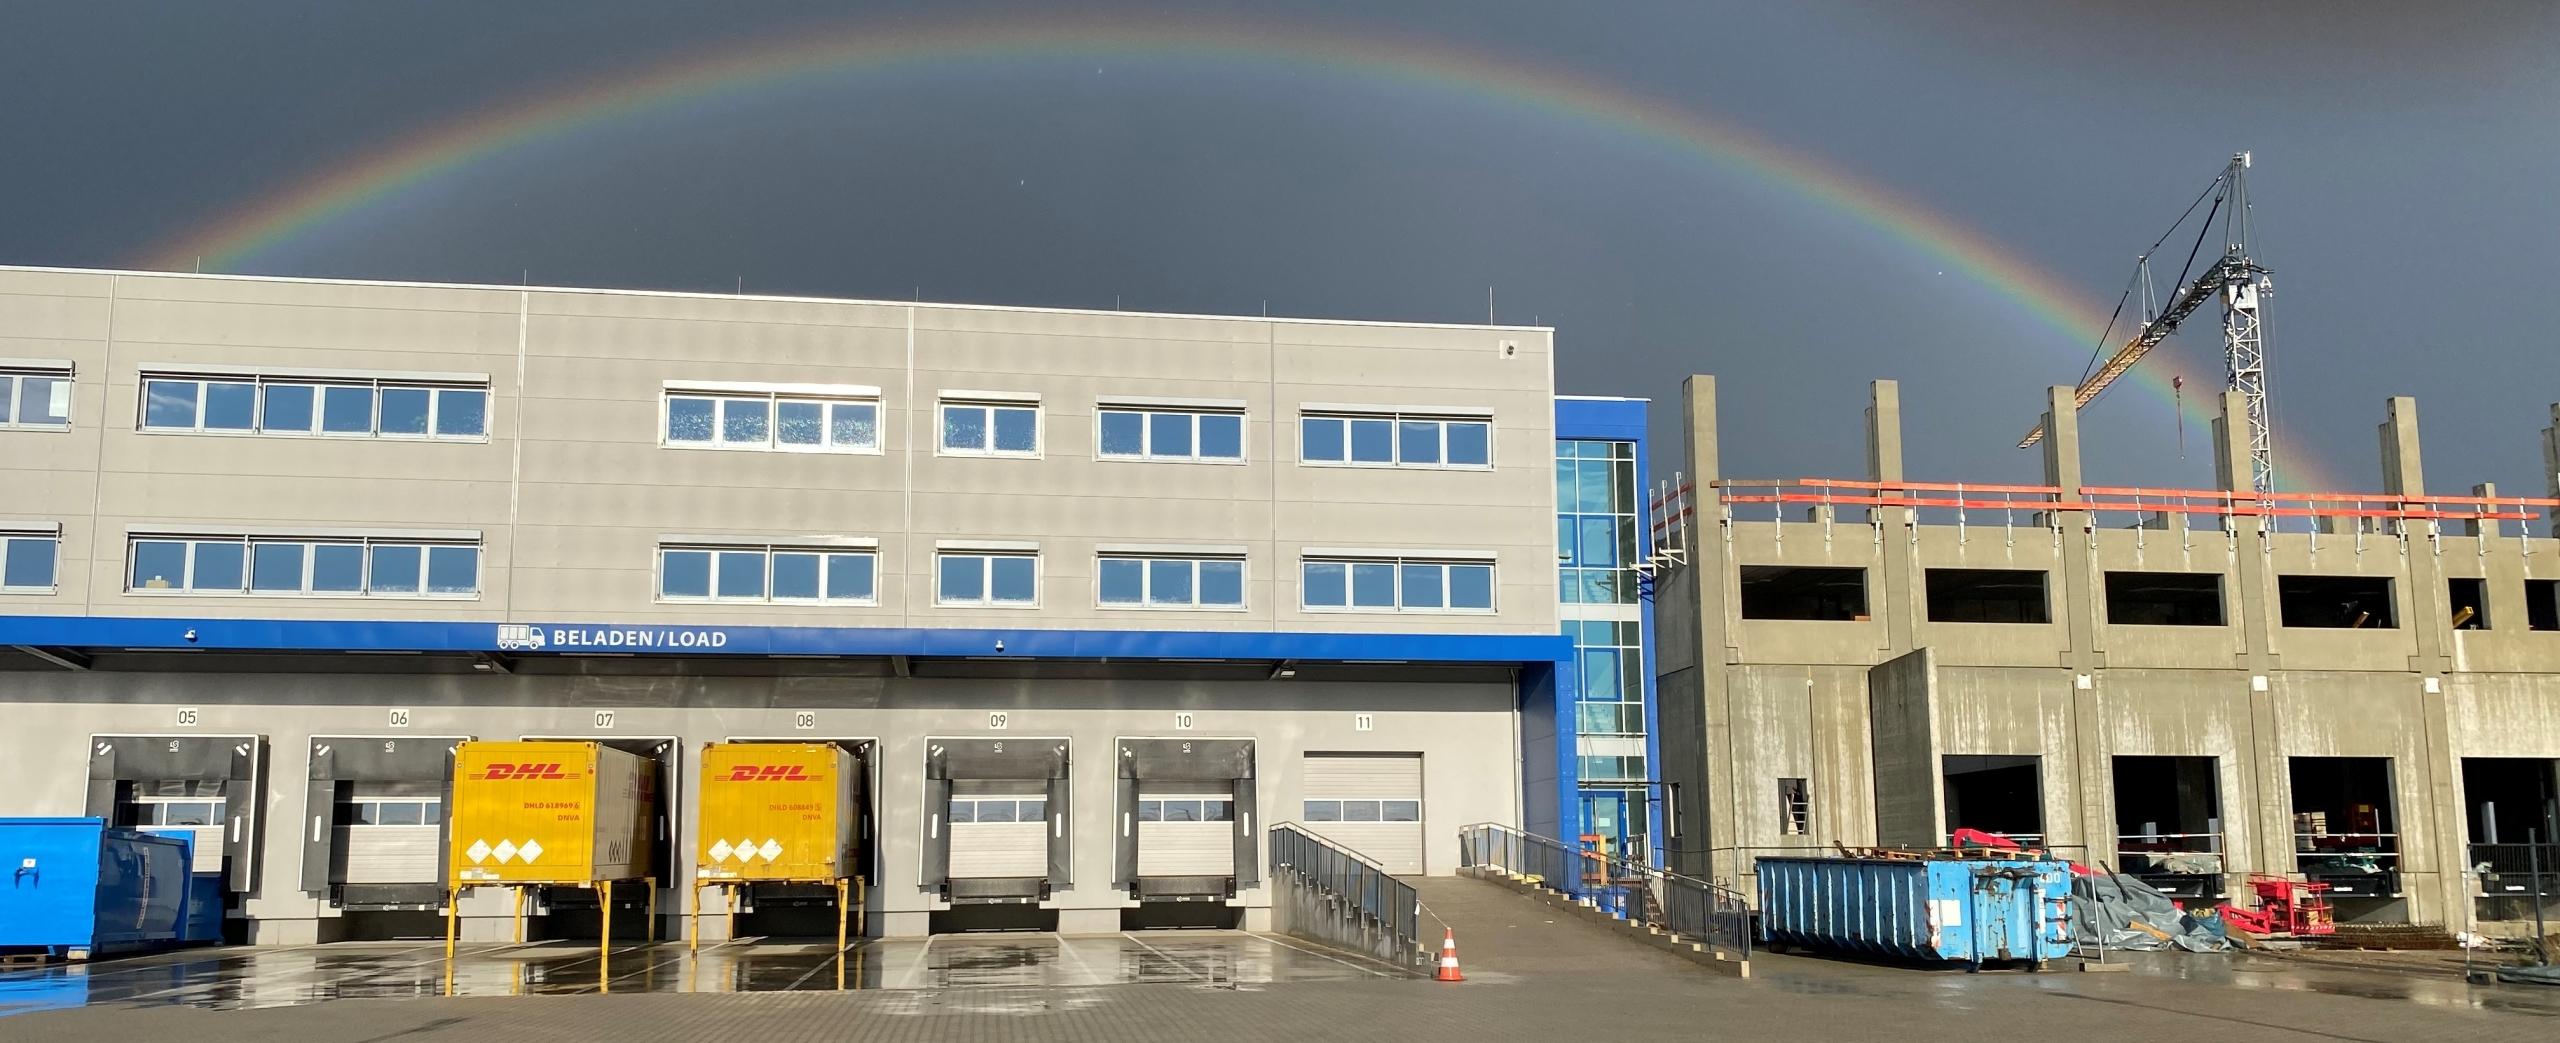 Regenbogen scaled - Ein Regenbogen über dem Genius Neubau